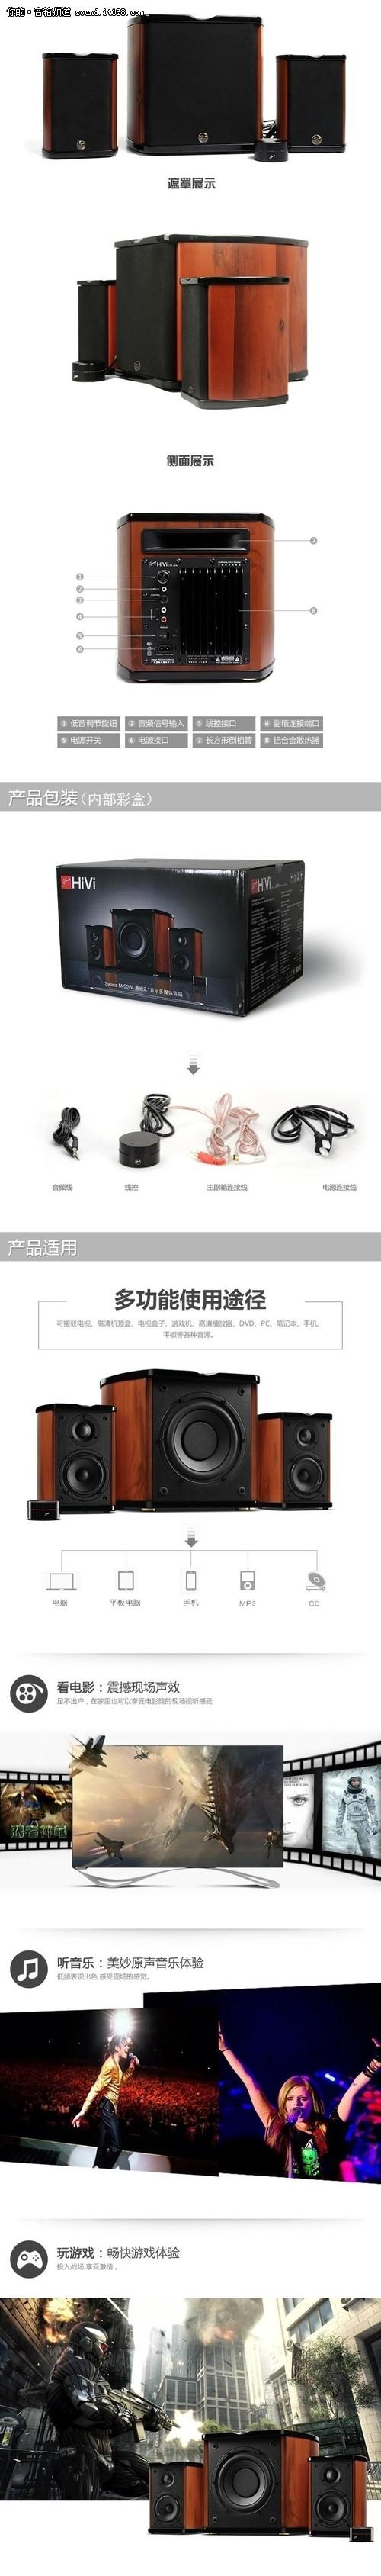 奢华高端的HIFI选择 惠威M50W售1280元